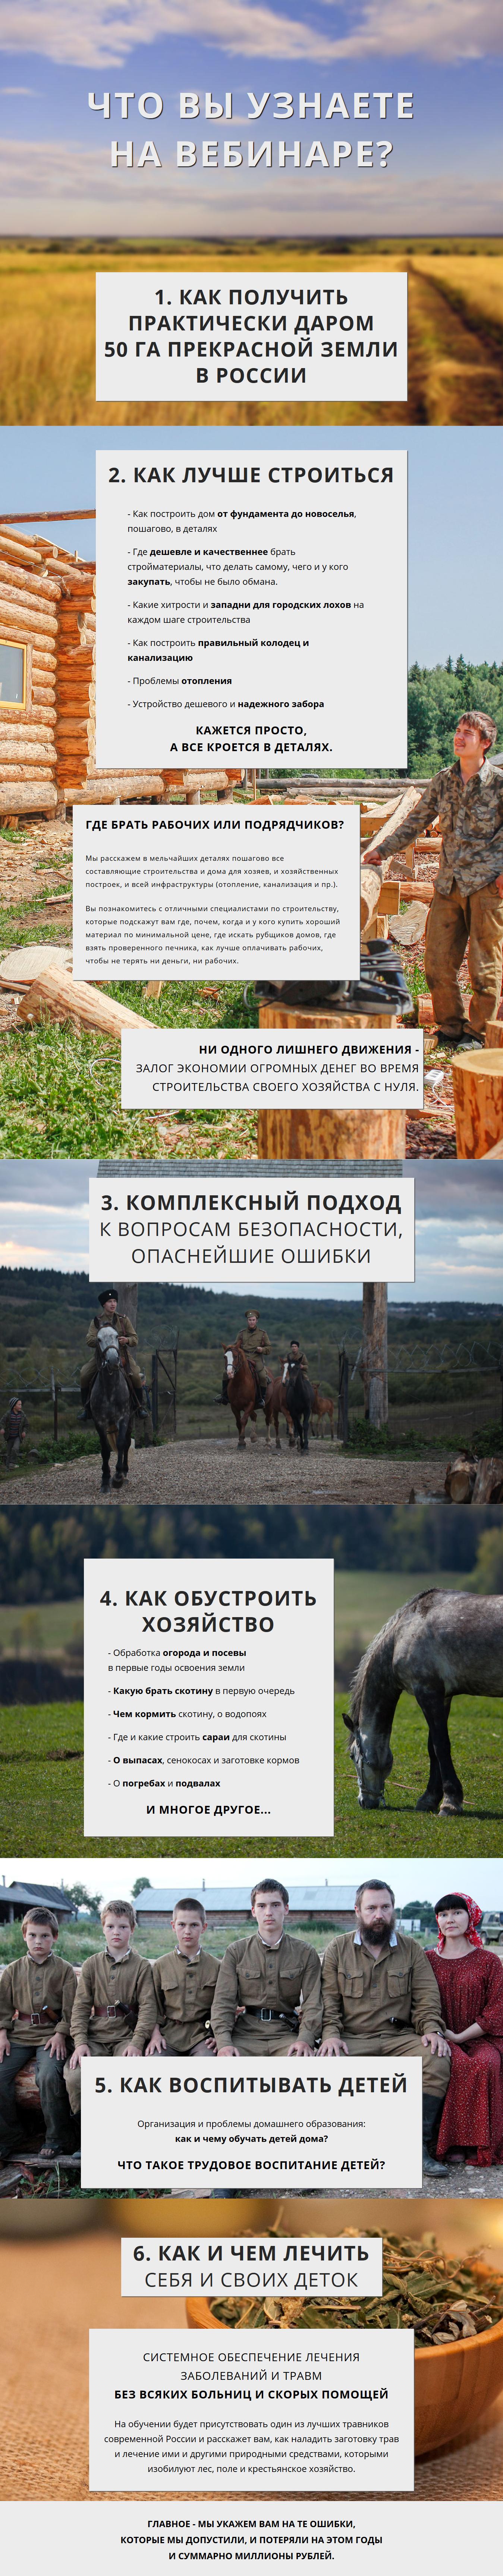 Как безошибочно создать своё крестьянское хозяйство с нуля (2015)-2.jpg